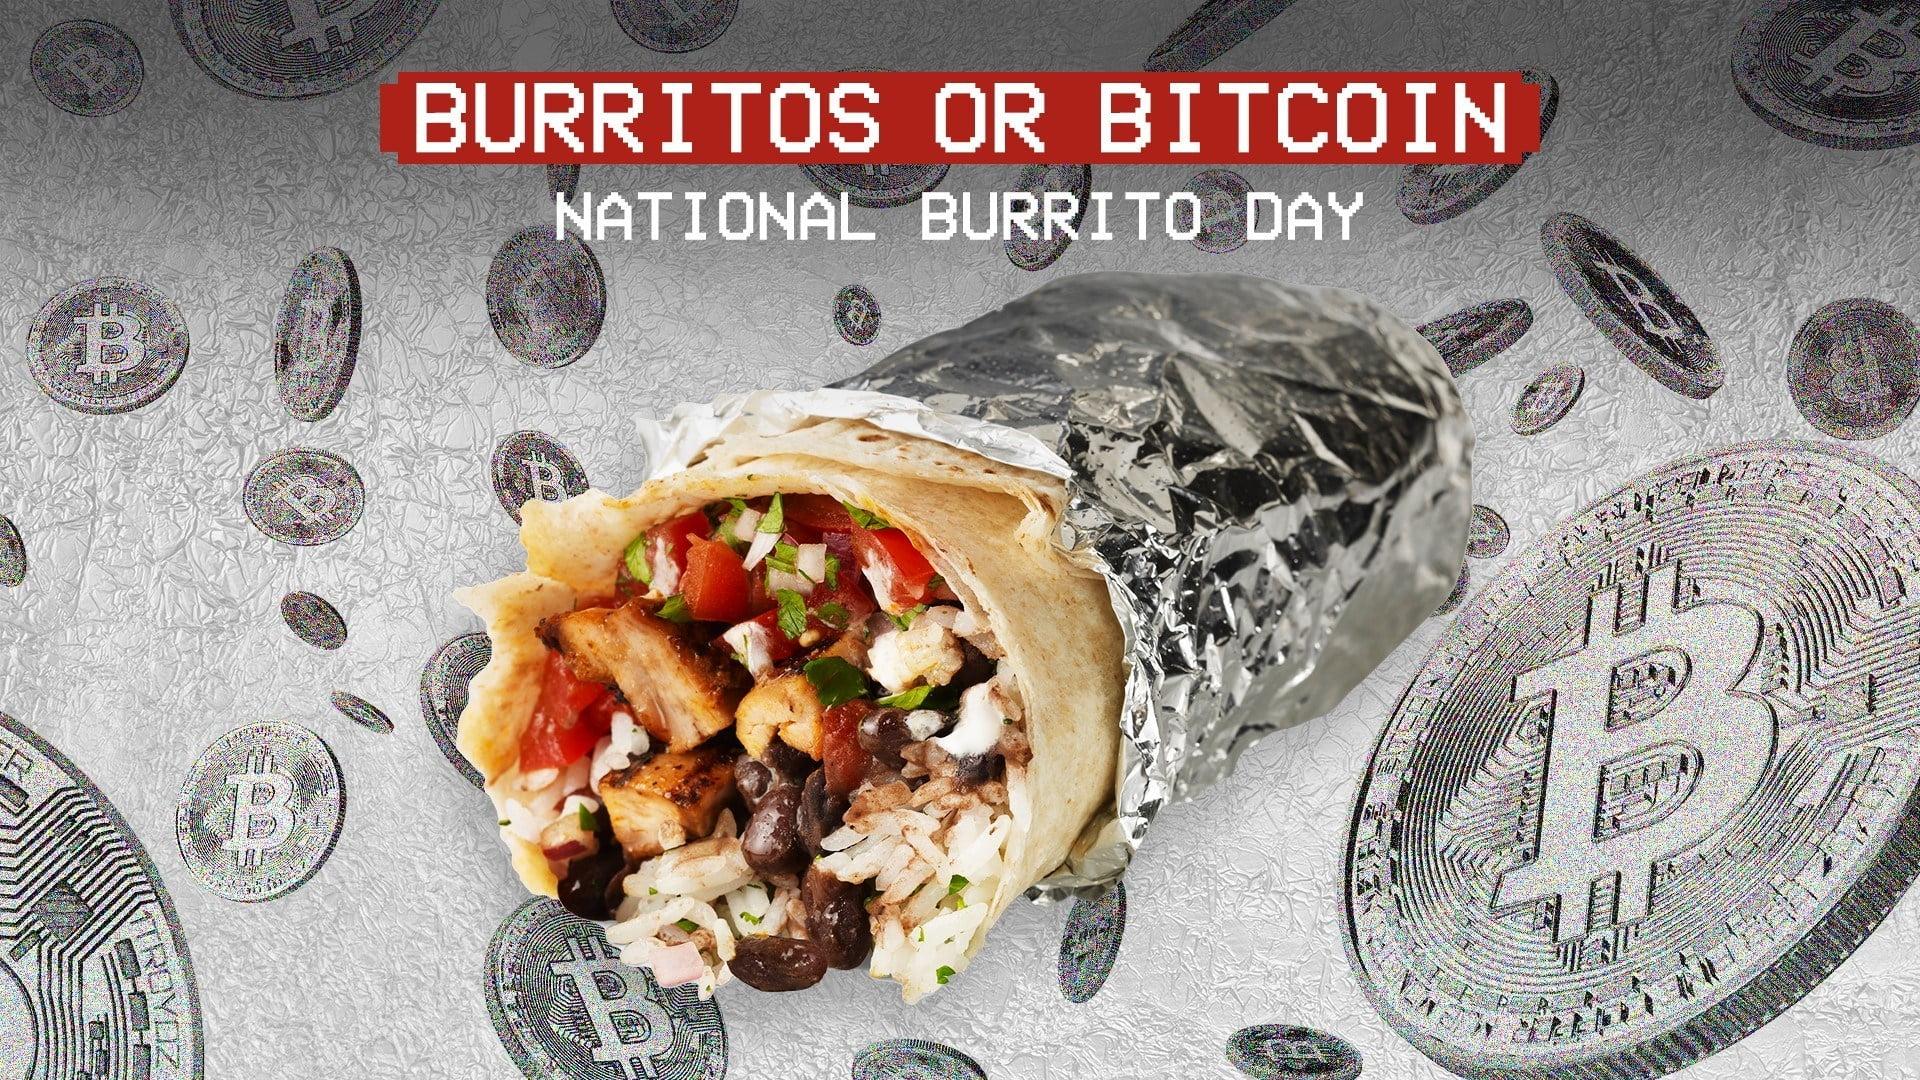 Chipotle oferă Bitcoin și Burritos gratis - de Ziua Națională a Burritos